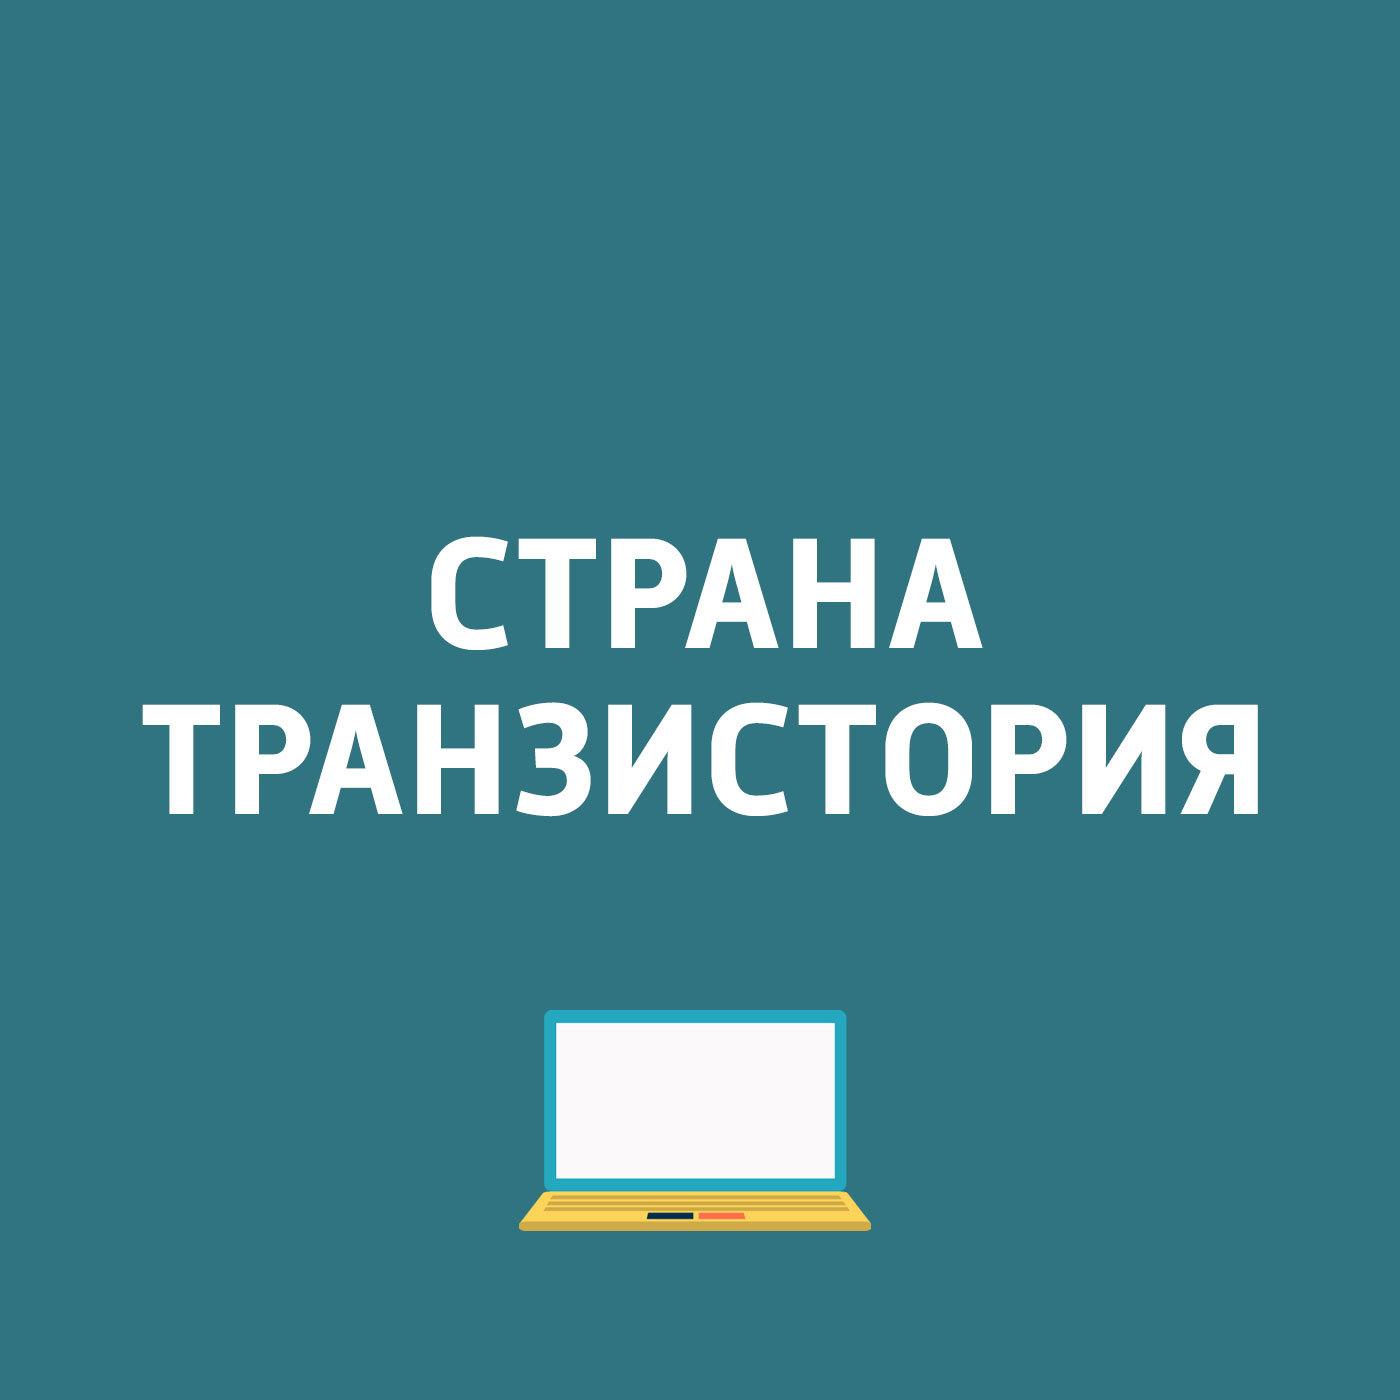 Картаев Павел «Яндекс» показал первые в мире панорамы восхождения на Эверест... картаев павел meizu 16 и 16 plus новая система пошлин при покупках в зарубежных интернет магазинах в яндекс драйв появятся машины бизнес класса